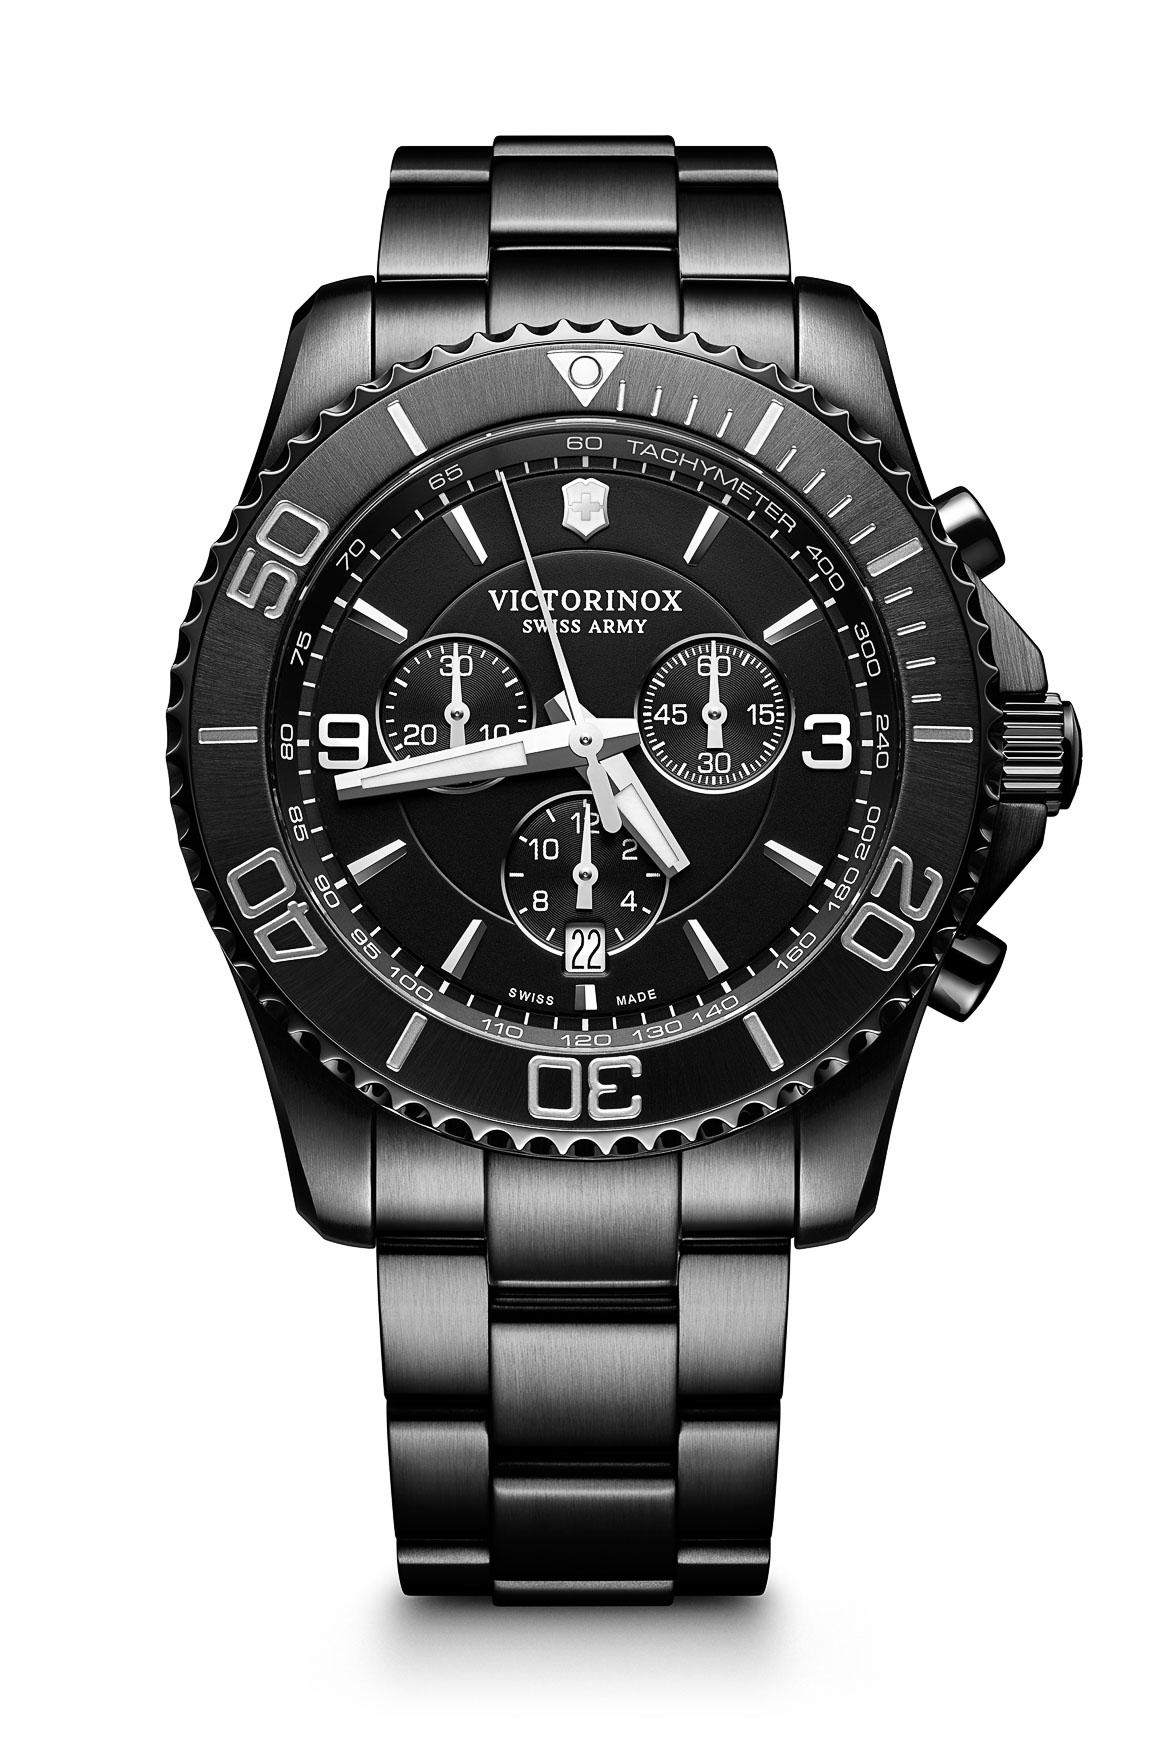 For knapt 5.000 kroner schweizisk ur: Victorinox Maverick Black Edition